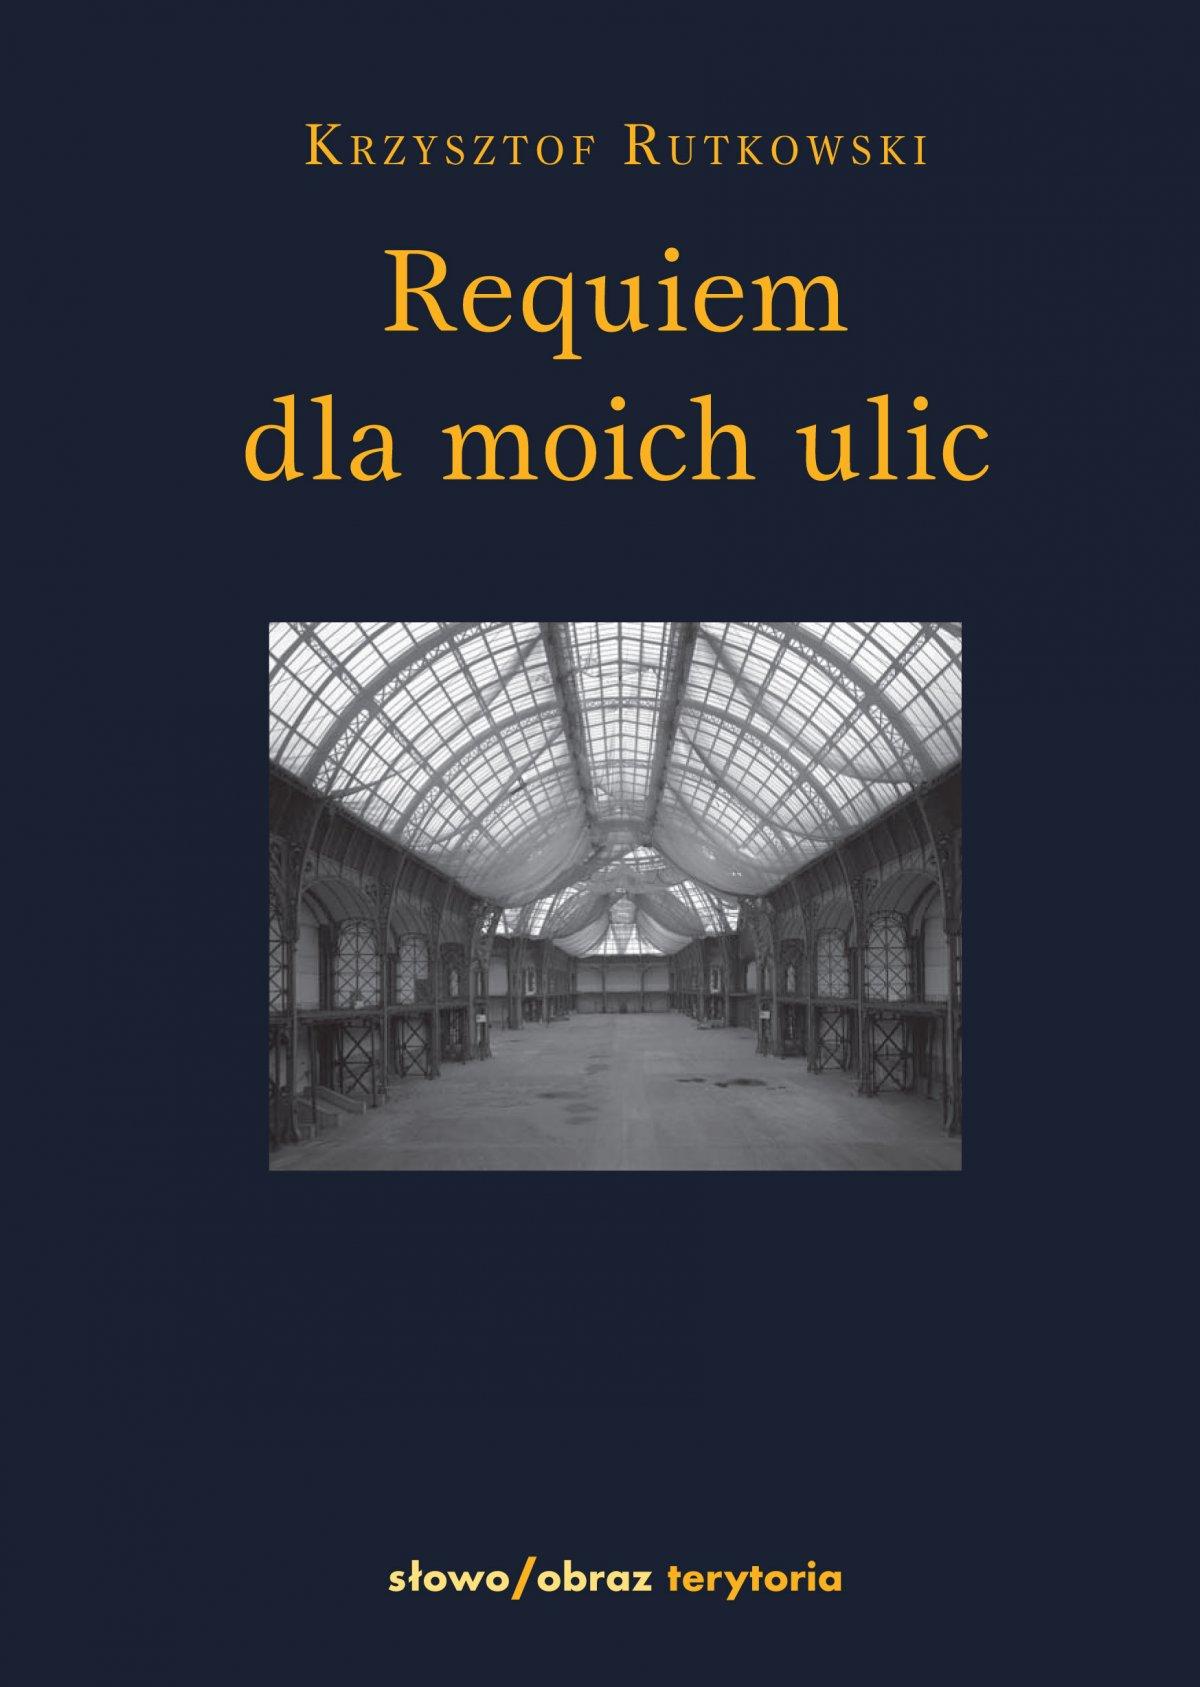 Requiem dla moich ulic - Ebook (Książka na Kindle) do pobrania w formacie MOBI